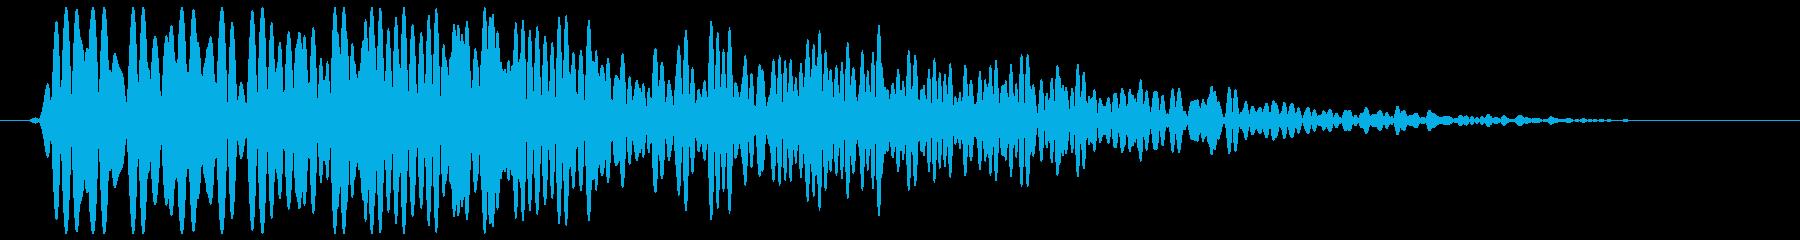 和音がやさしい短めの効果音の再生済みの波形